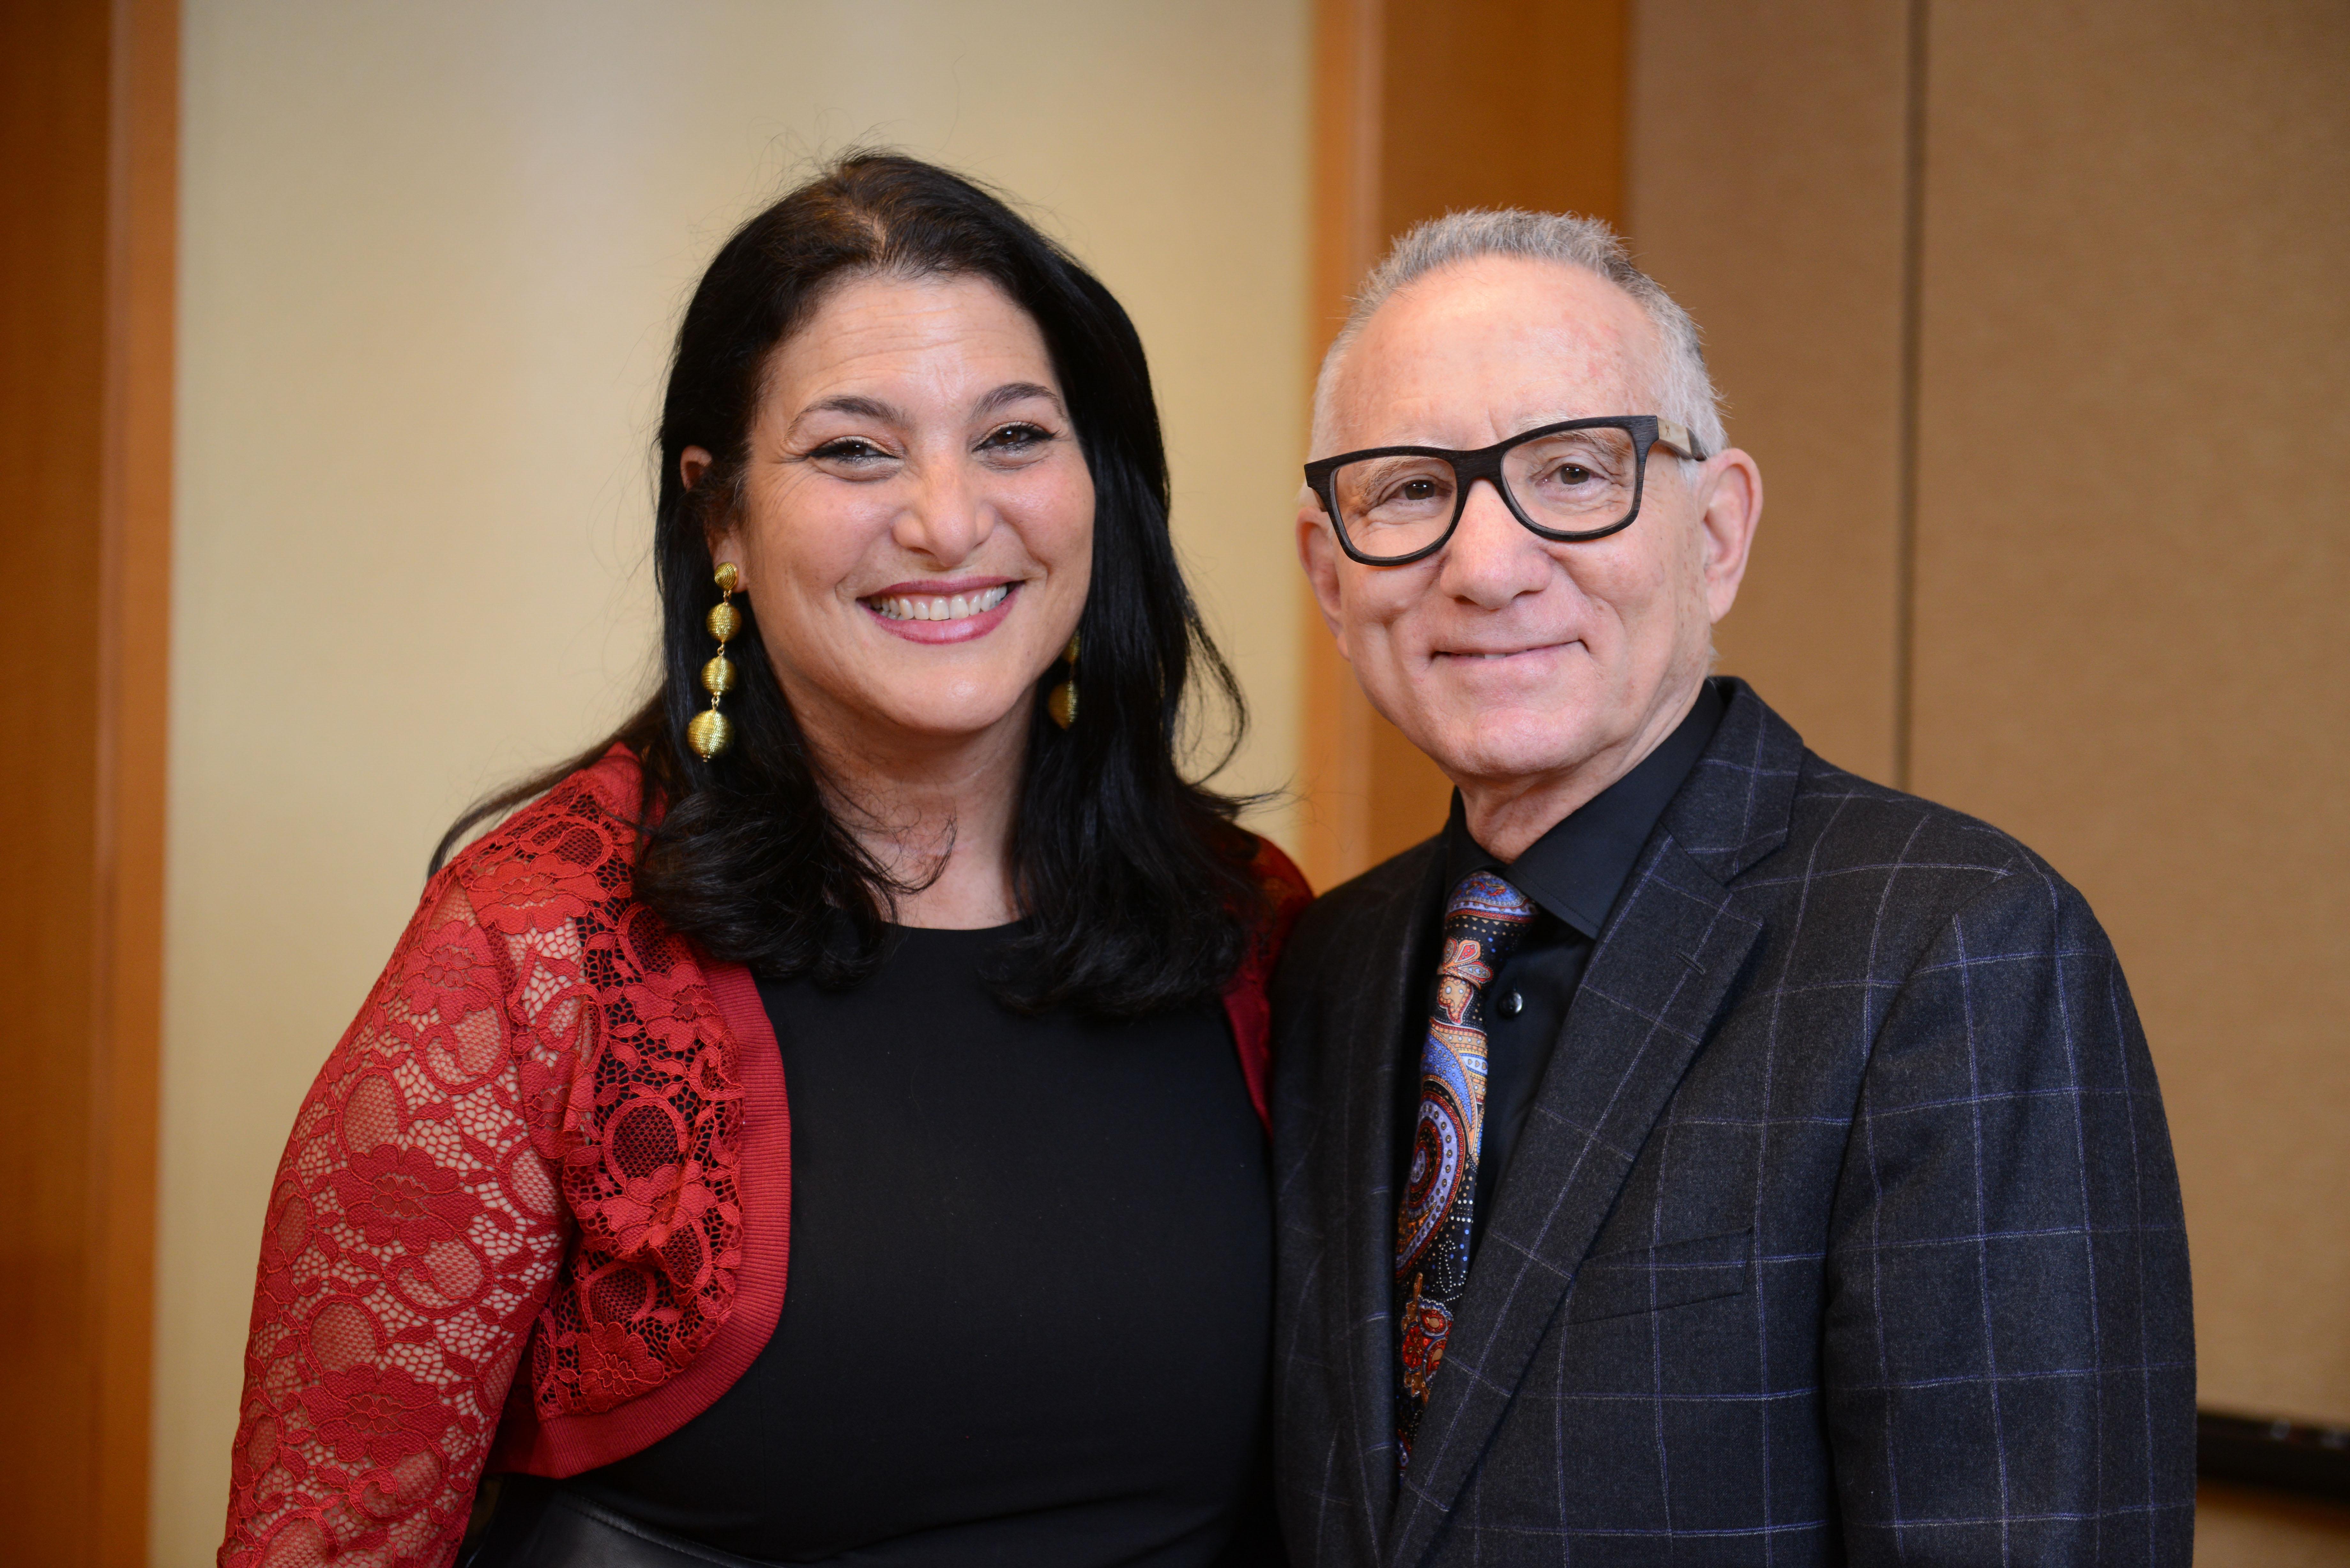 2018 Covenant Award Recipient Naomi Ackerman and her nominator, Rabbi Steven Carr Reuben.